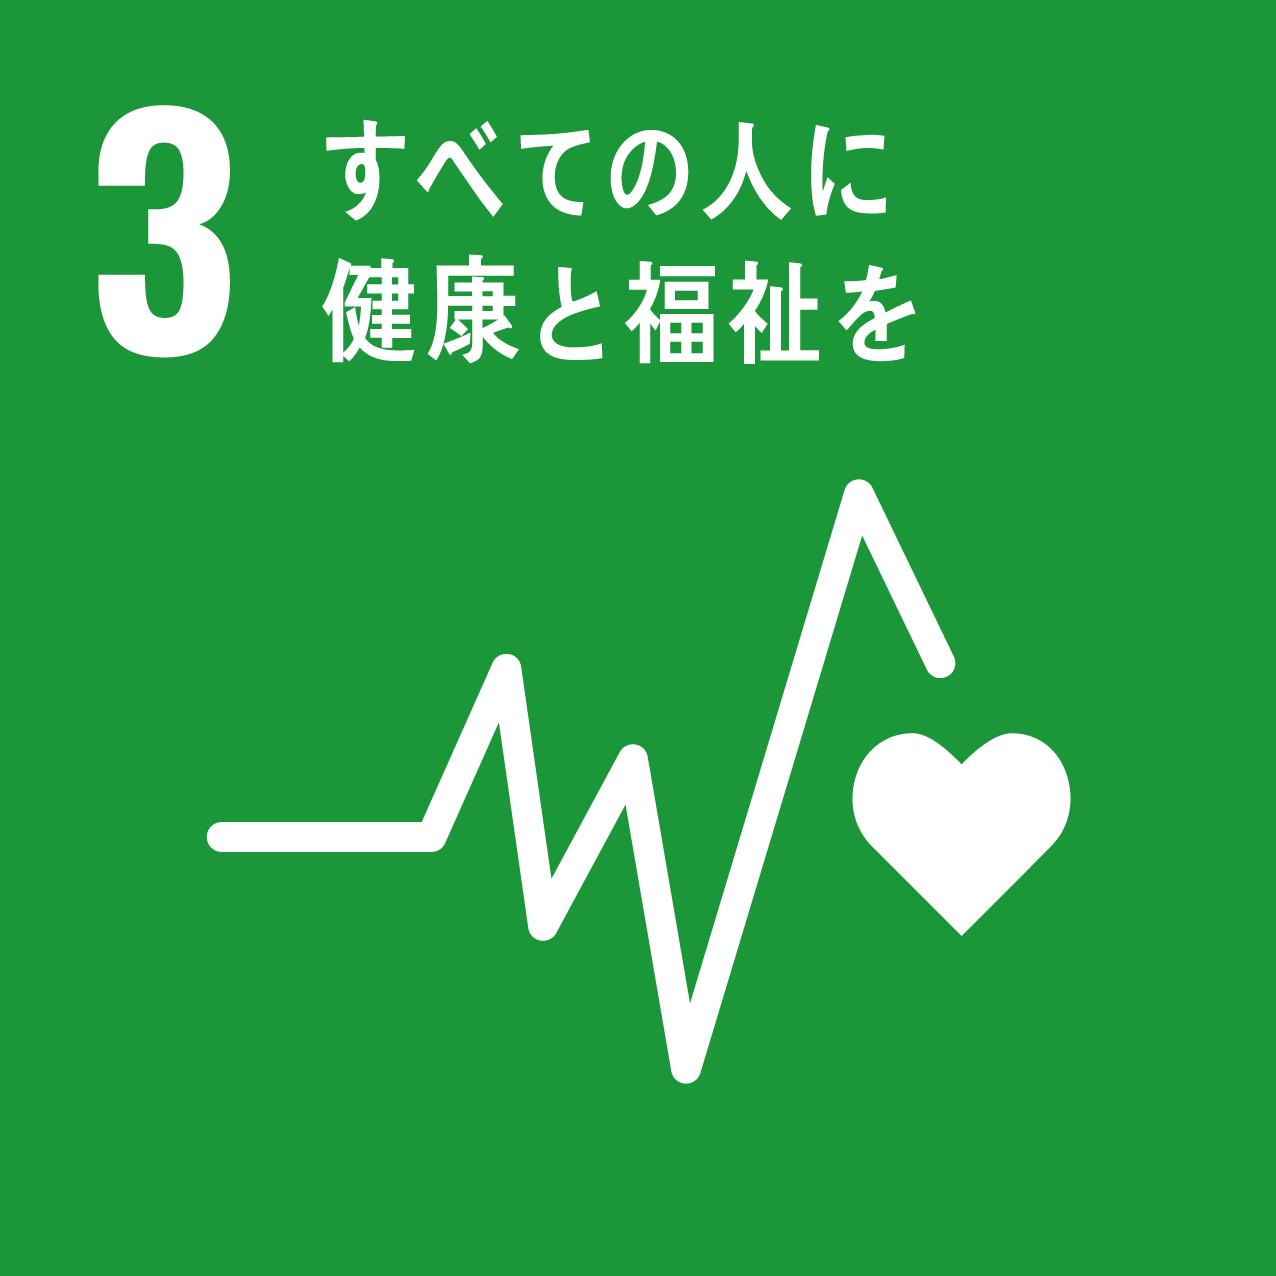 Goal3 すべての人に健康と福祉を